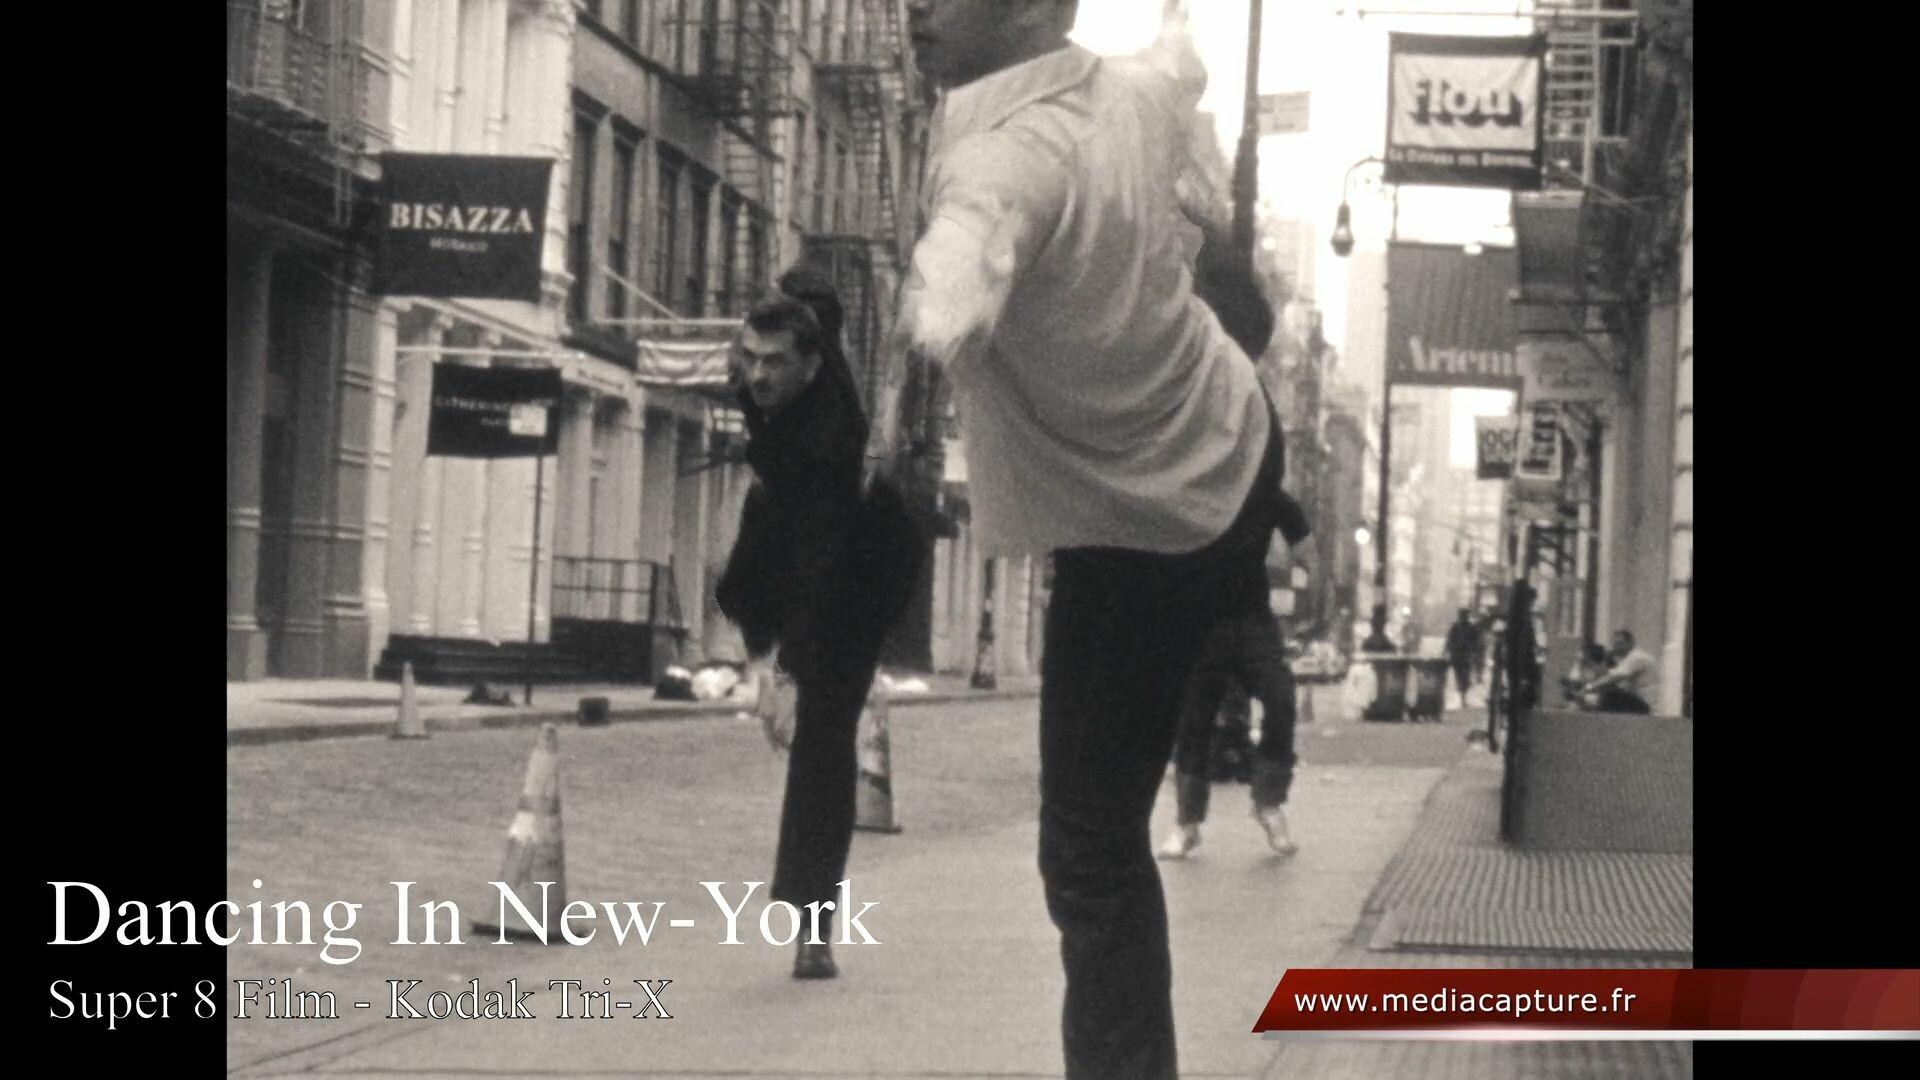 Le film Super 8 a été tourné à New York par notre ami Chef-Operateur Guillaume Le Grontec en 2006